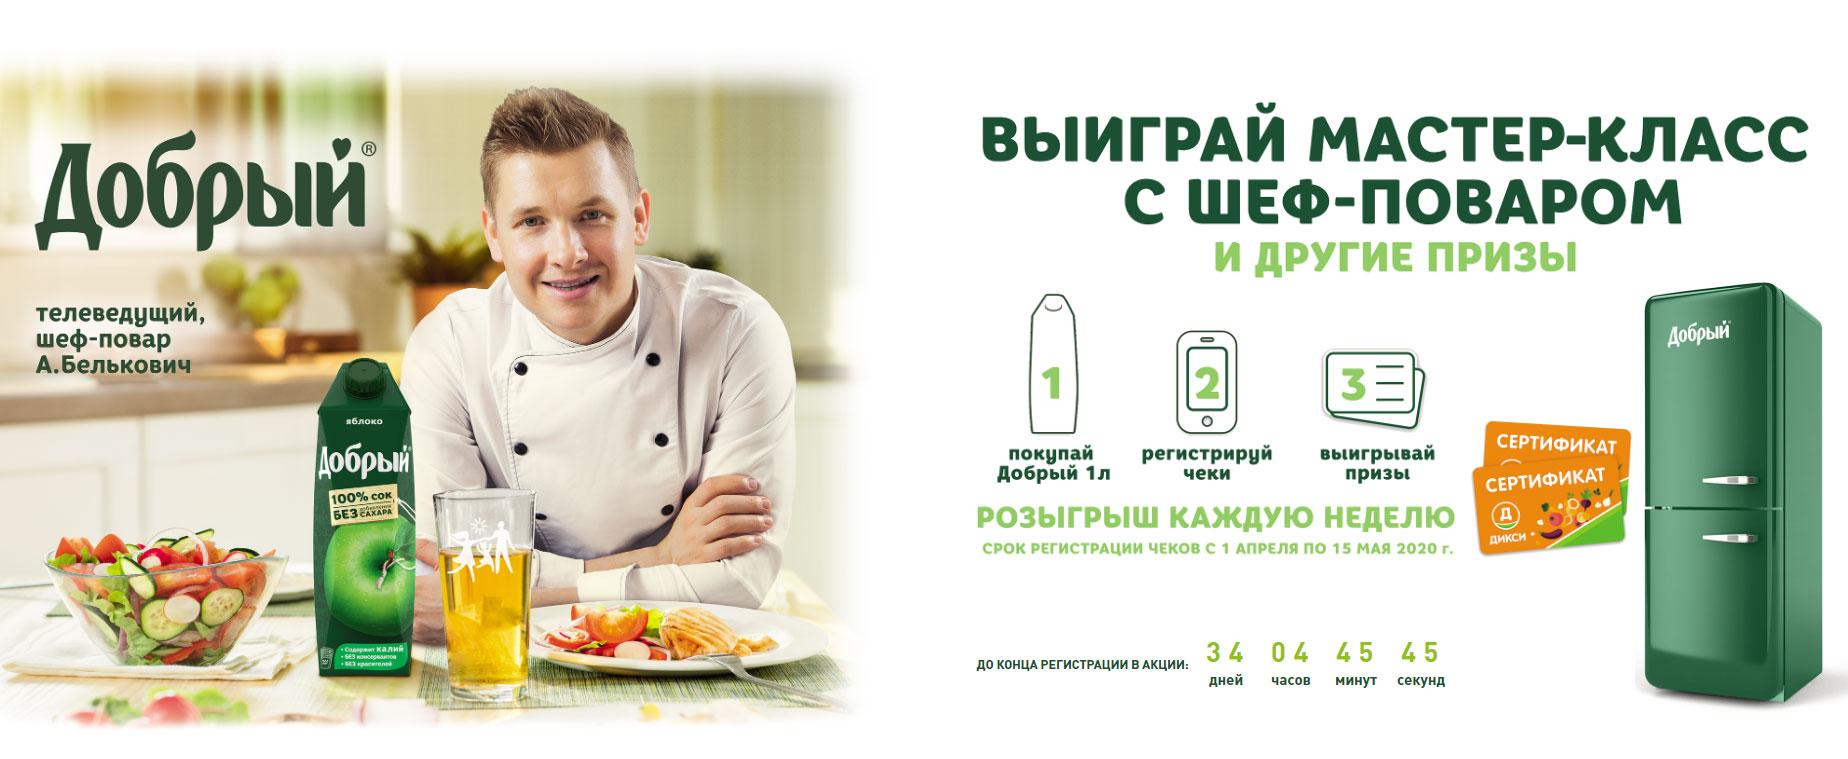 Акция Добрый в Дикси «Выигрывай холодильник и другие призы!»—